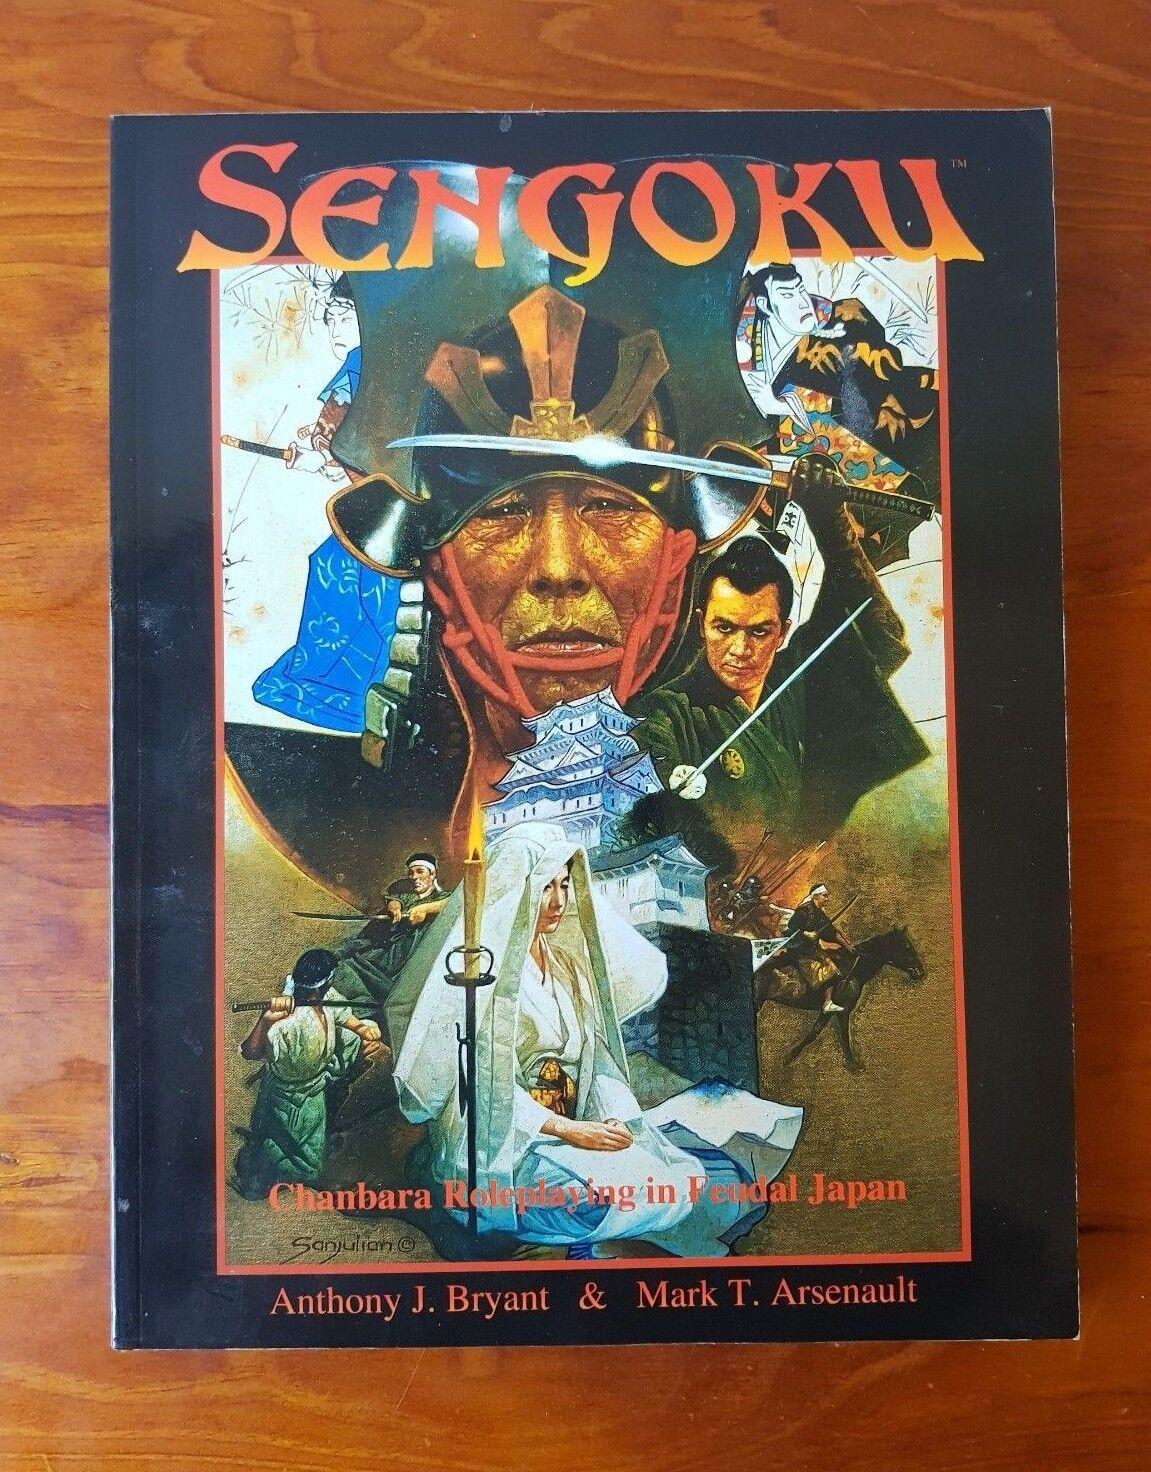 Sengoku Chanbara Roleplaying In 16th Century Feudal Japan RPG Book Rare Vtg 1999